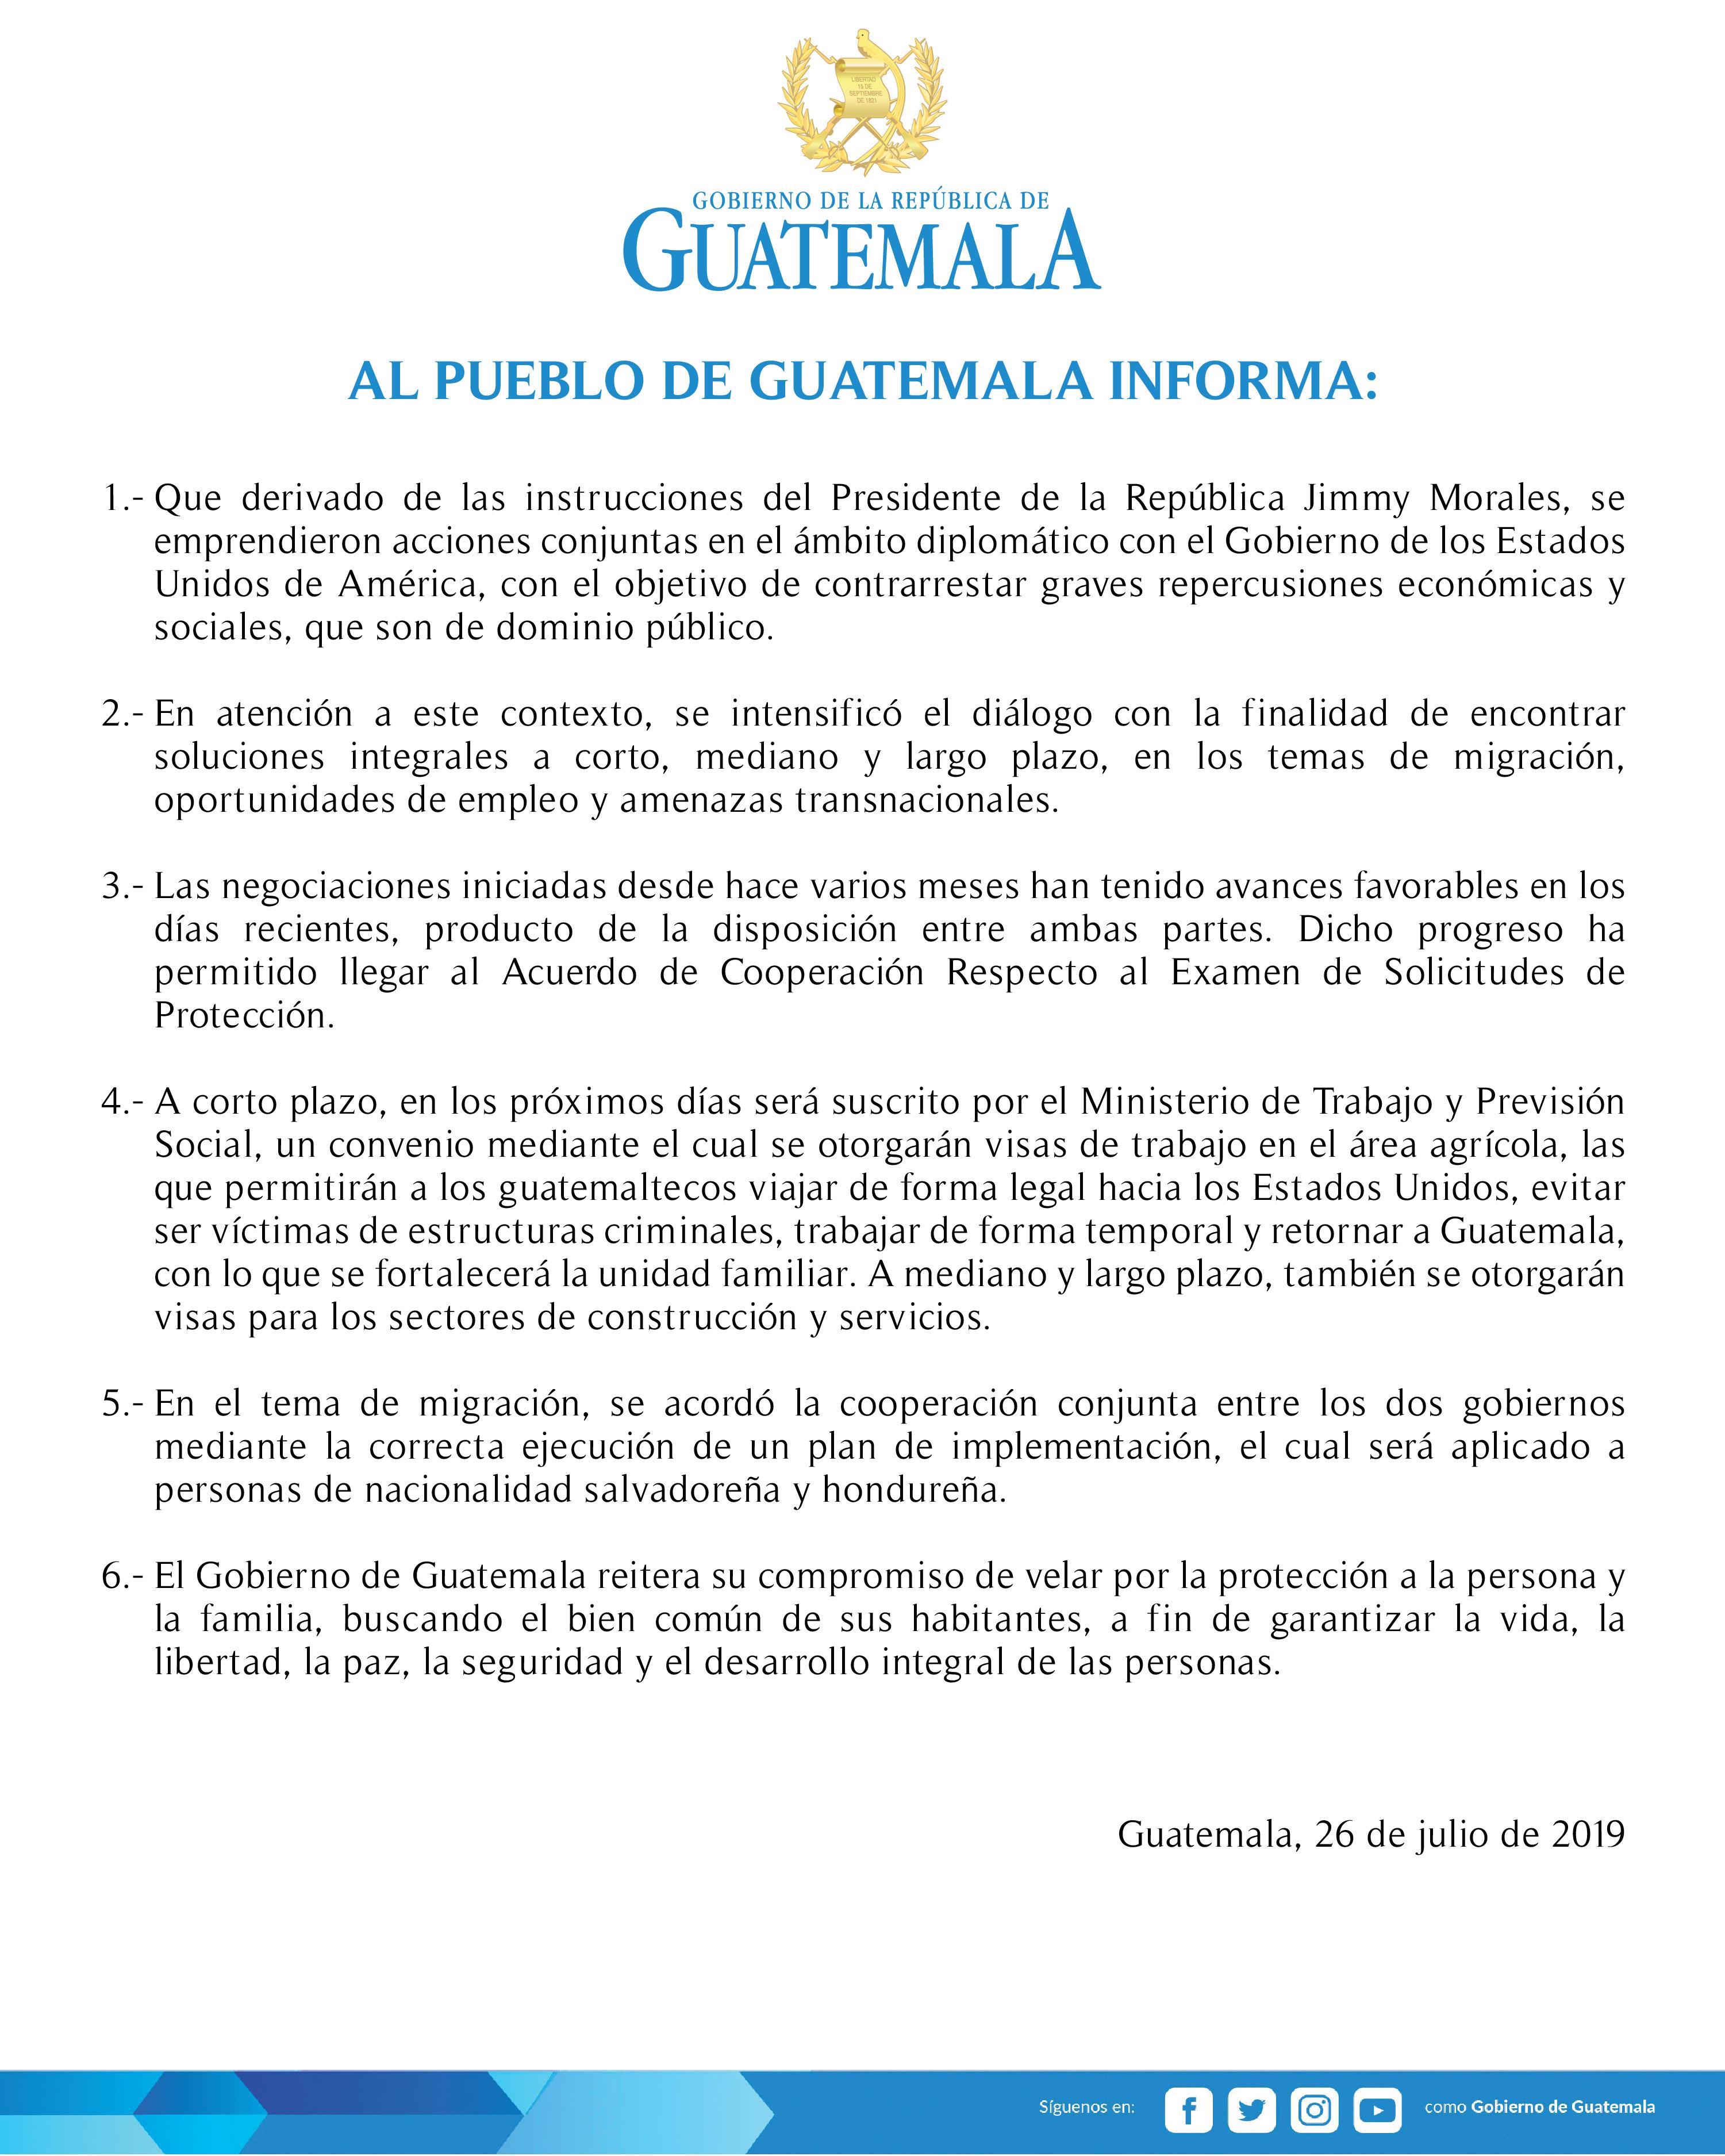 Estados-Unidos-acuerdo-Guatemala-Trump-Presidente-Morales-